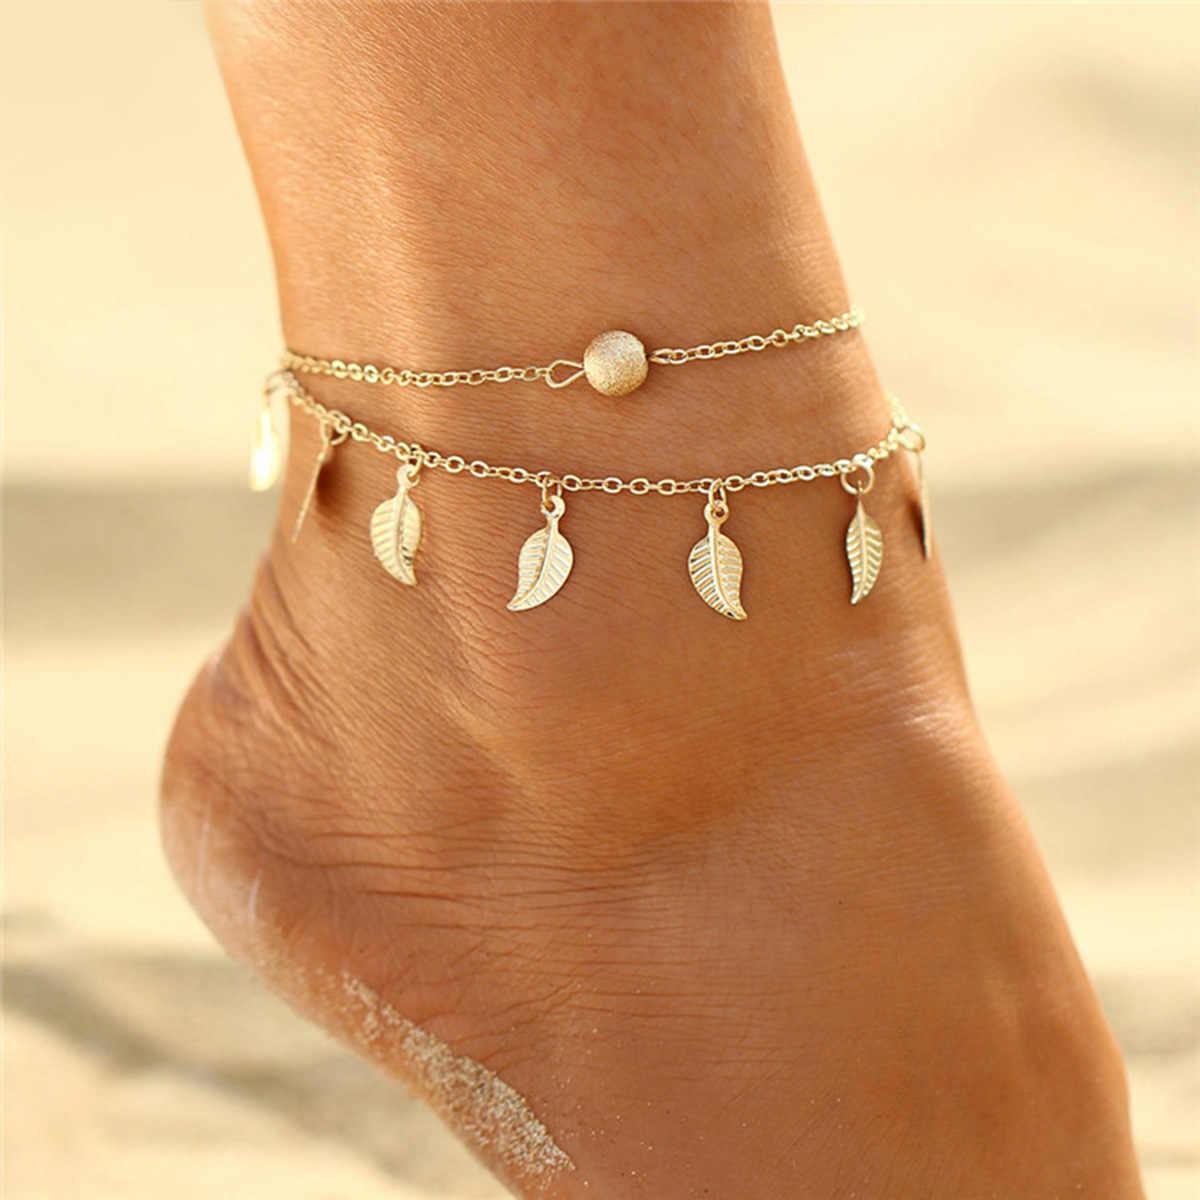 ทองเงินหินสีสร้อยข้อเท้าสร้อยข้อมือ Bohemian แฟชั่นฤดูร้อนชั้นชายหาดเครื่องประดับ Tobilleras De Plata Para Mujer